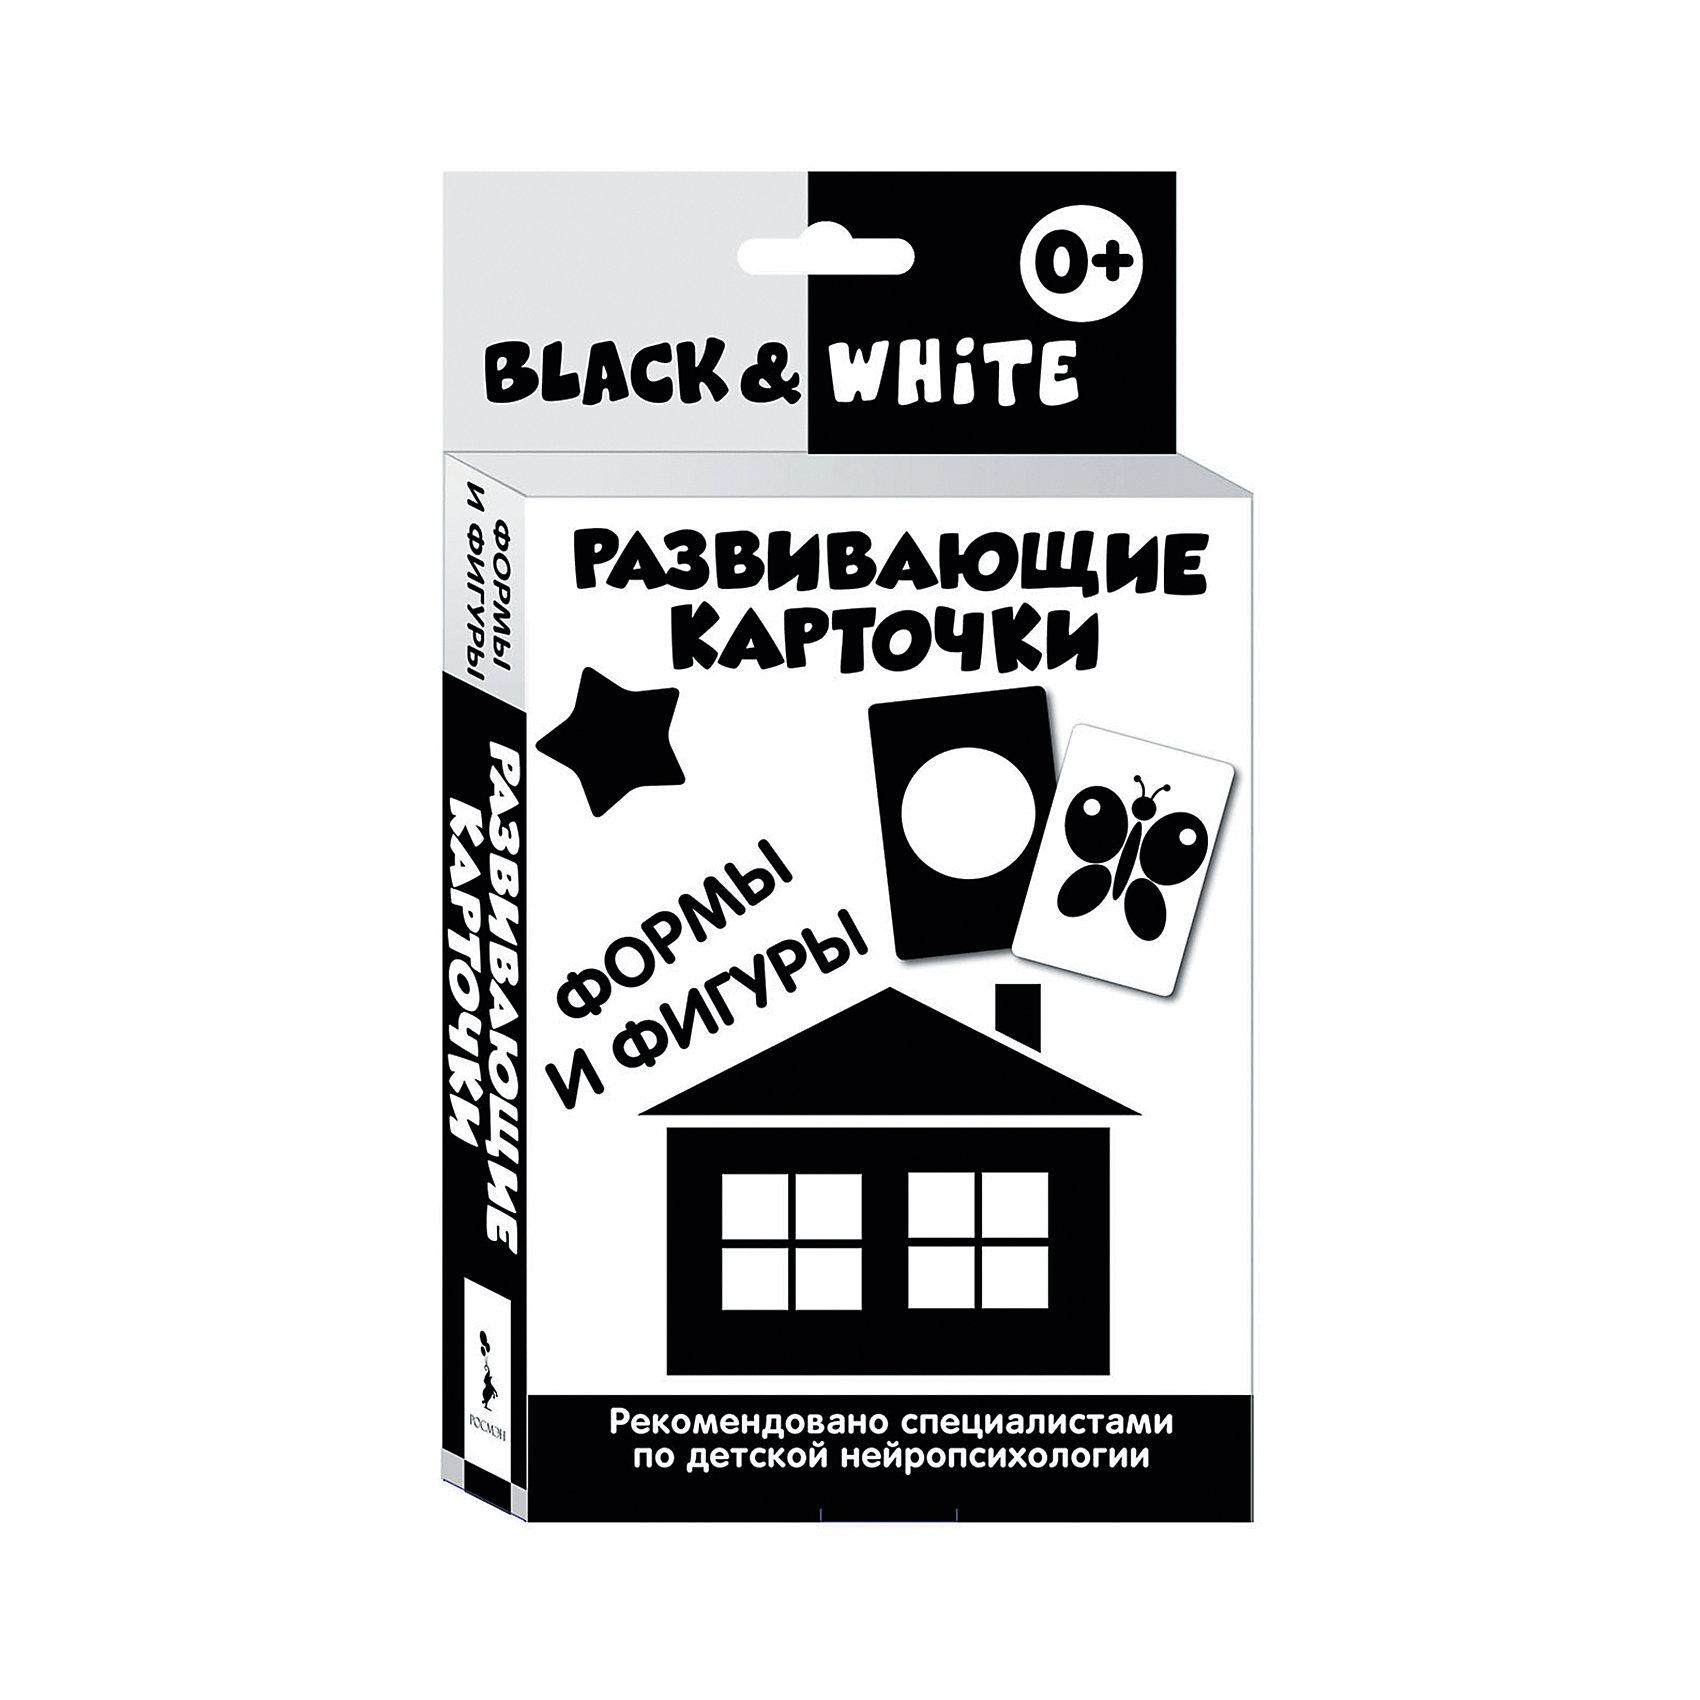 Развивающие карточки Black &amp; White. Формы и фигурыХарактеристики товара:<br><br>- цвет: черно-белый;<br>- материал: бумага;<br>- количество карточек: 16;<br>- формат: 20,0 x 11,2 см;<br>- возраст: 0+;<br>- обложка: картонная коробка.<br><br>Развивающие карточки – отличный вариант для раннего обучения ребенка и дальнейшей его подготовке школе. Набор тренирует зрительную память и восприятие. Комплект содержит 16 карточек с контрастными изображениями из картона. В наборе есть инструкция для родителей, разработанная специализированными нейропсихологами. Все материалы, использованные при производстве издания, соответствуют всем стандартам качества и безопасности. <br><br>Издание Развивающие карточки Black &amp; White. Формы и фигуры от компании Росмэн можно приобрести в нашем интернет-магазине.<br><br>Ширина мм: 200<br>Глубина мм: 112<br>Высота мм: 20<br>Вес г: 220<br>Возраст от месяцев: 0<br>Возраст до месяцев: 36<br>Пол: Унисекс<br>Возраст: Детский<br>SKU: 5109865